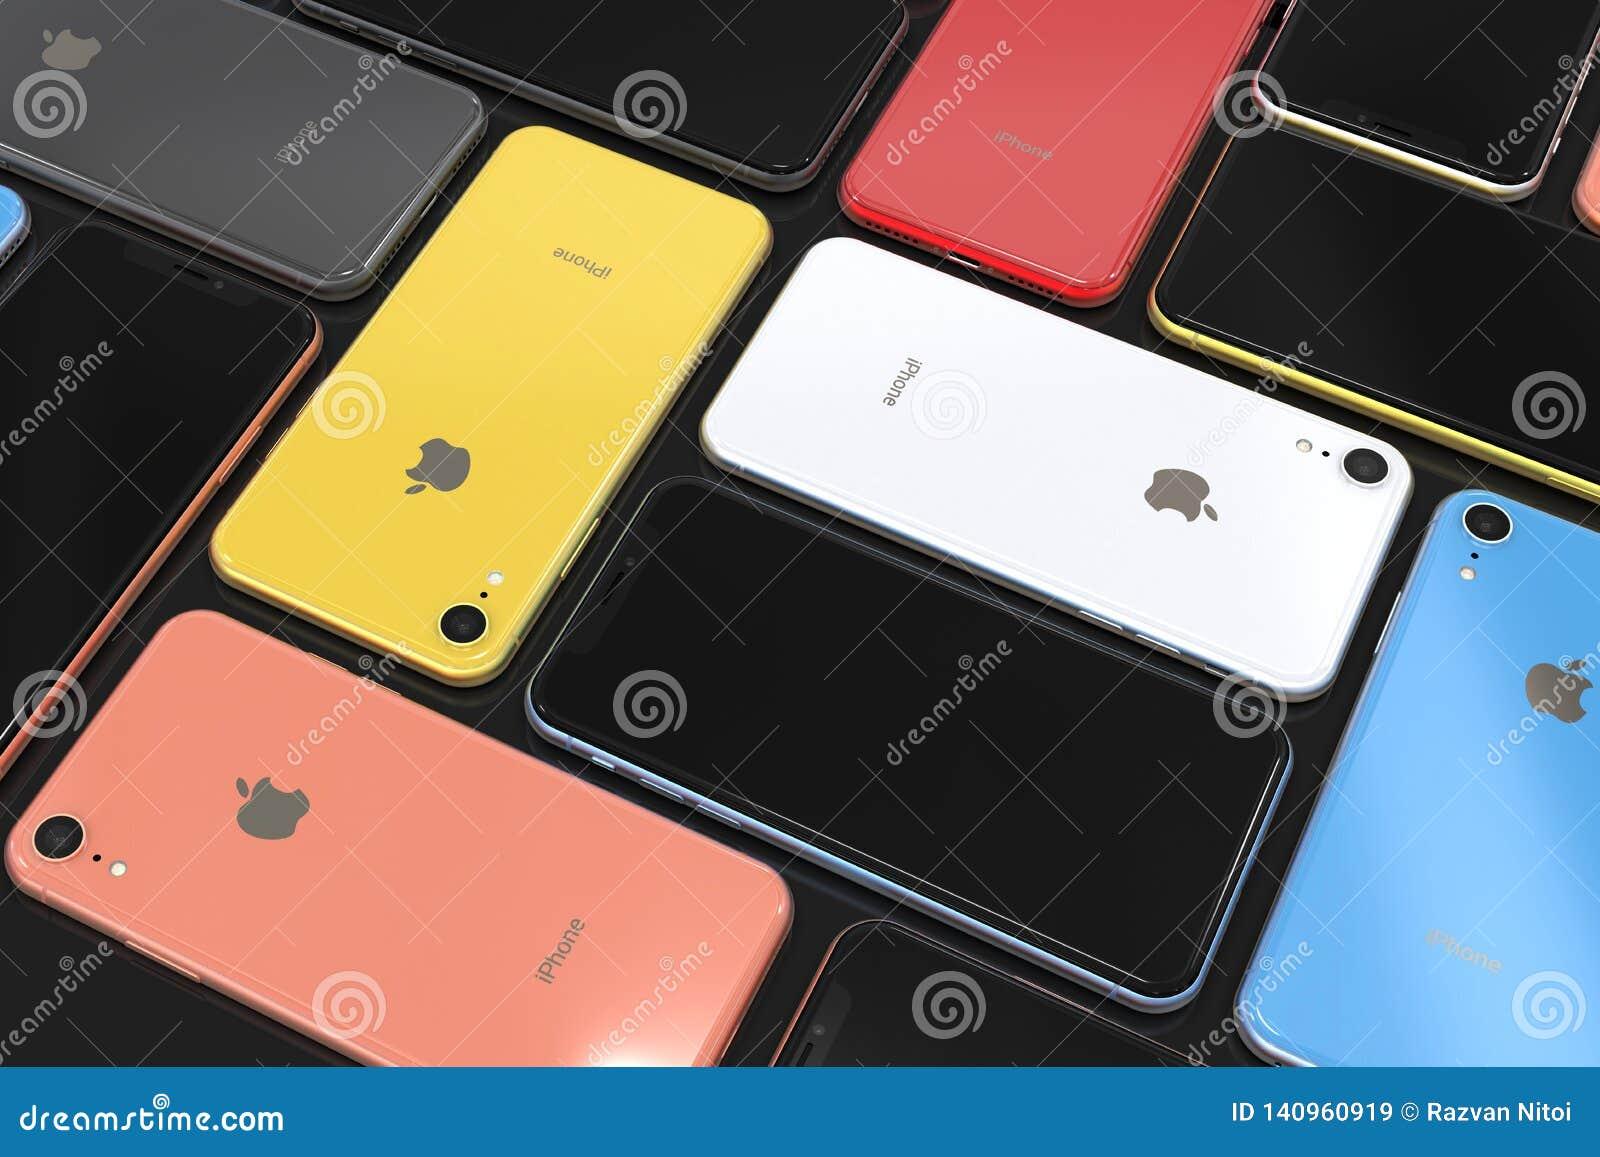 Iphone Xr D Apple Toutes Les Couleurs Disposition De